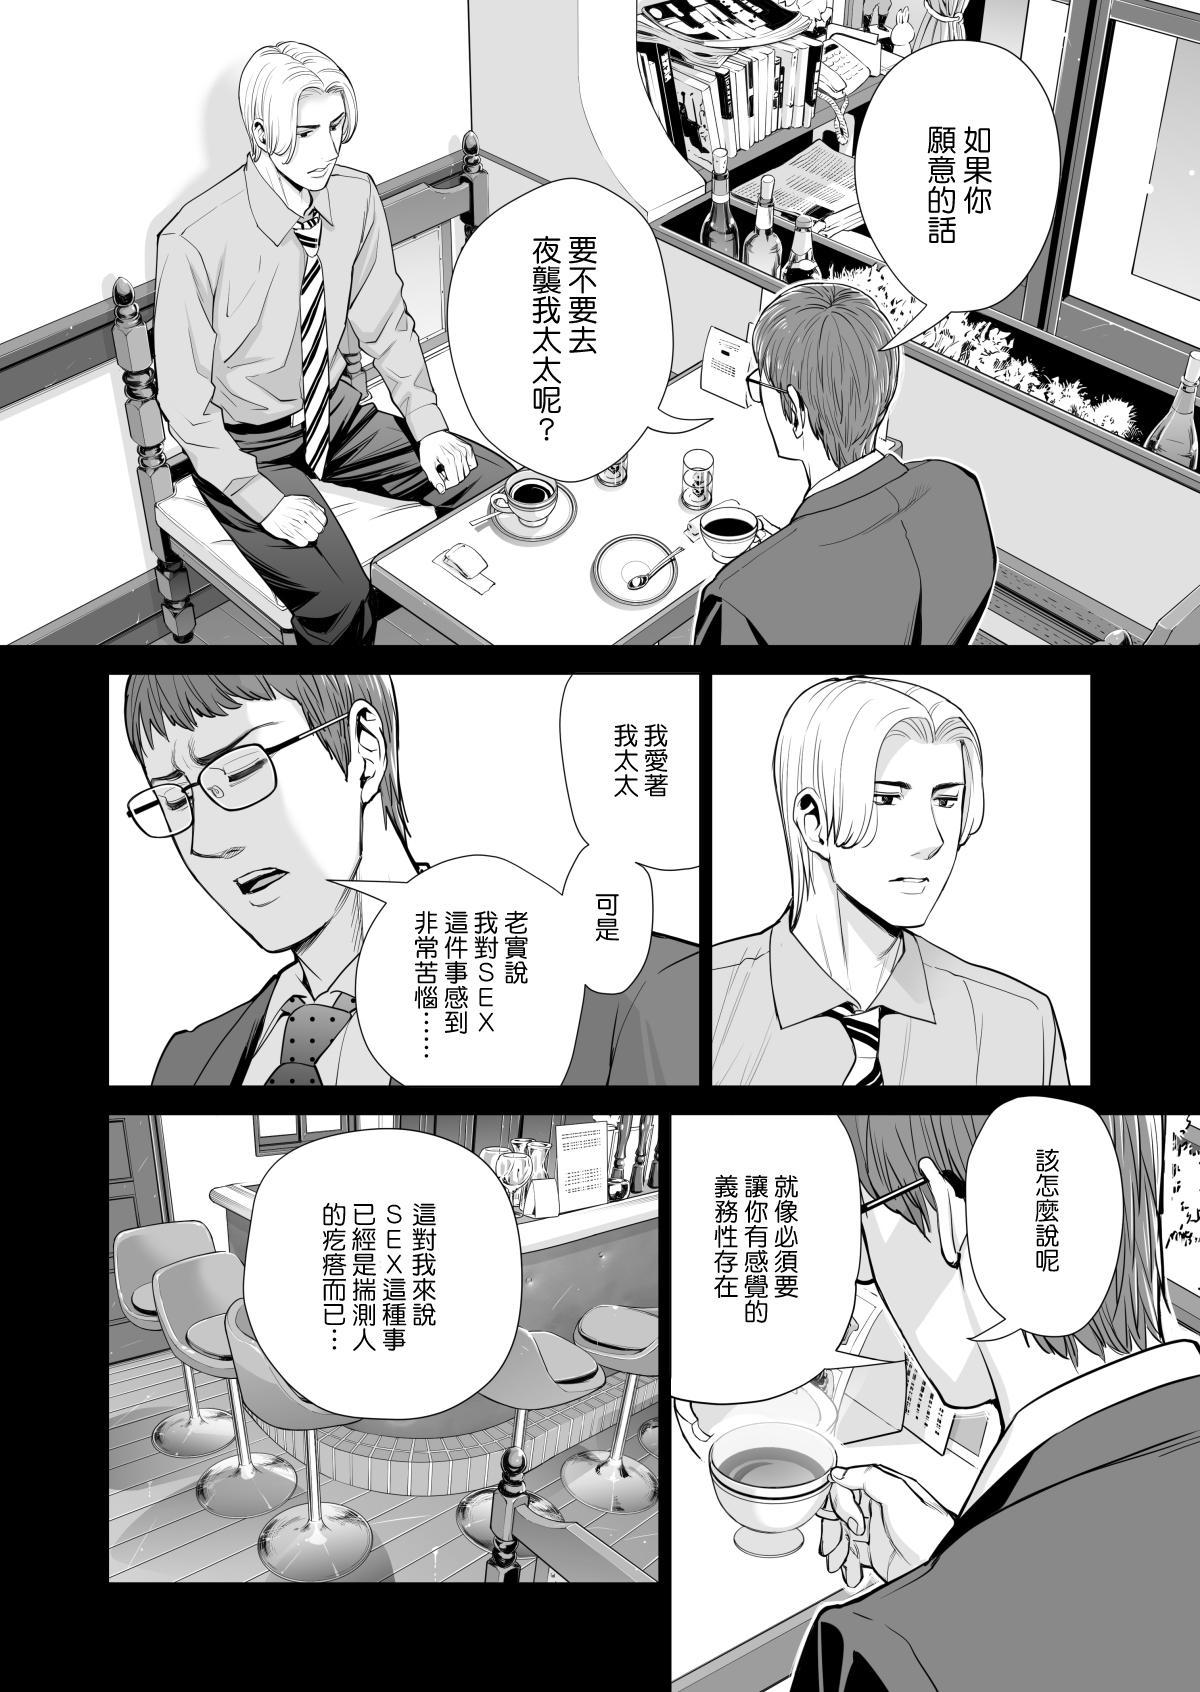 [HGT Lab (Tsusauto)] Tsukiyo no Midare Zake ~Hitozuma wa Yoitsubureta Otto no Soba de Douryou ni Netorareru~ Kouhen (CHINESE) 45